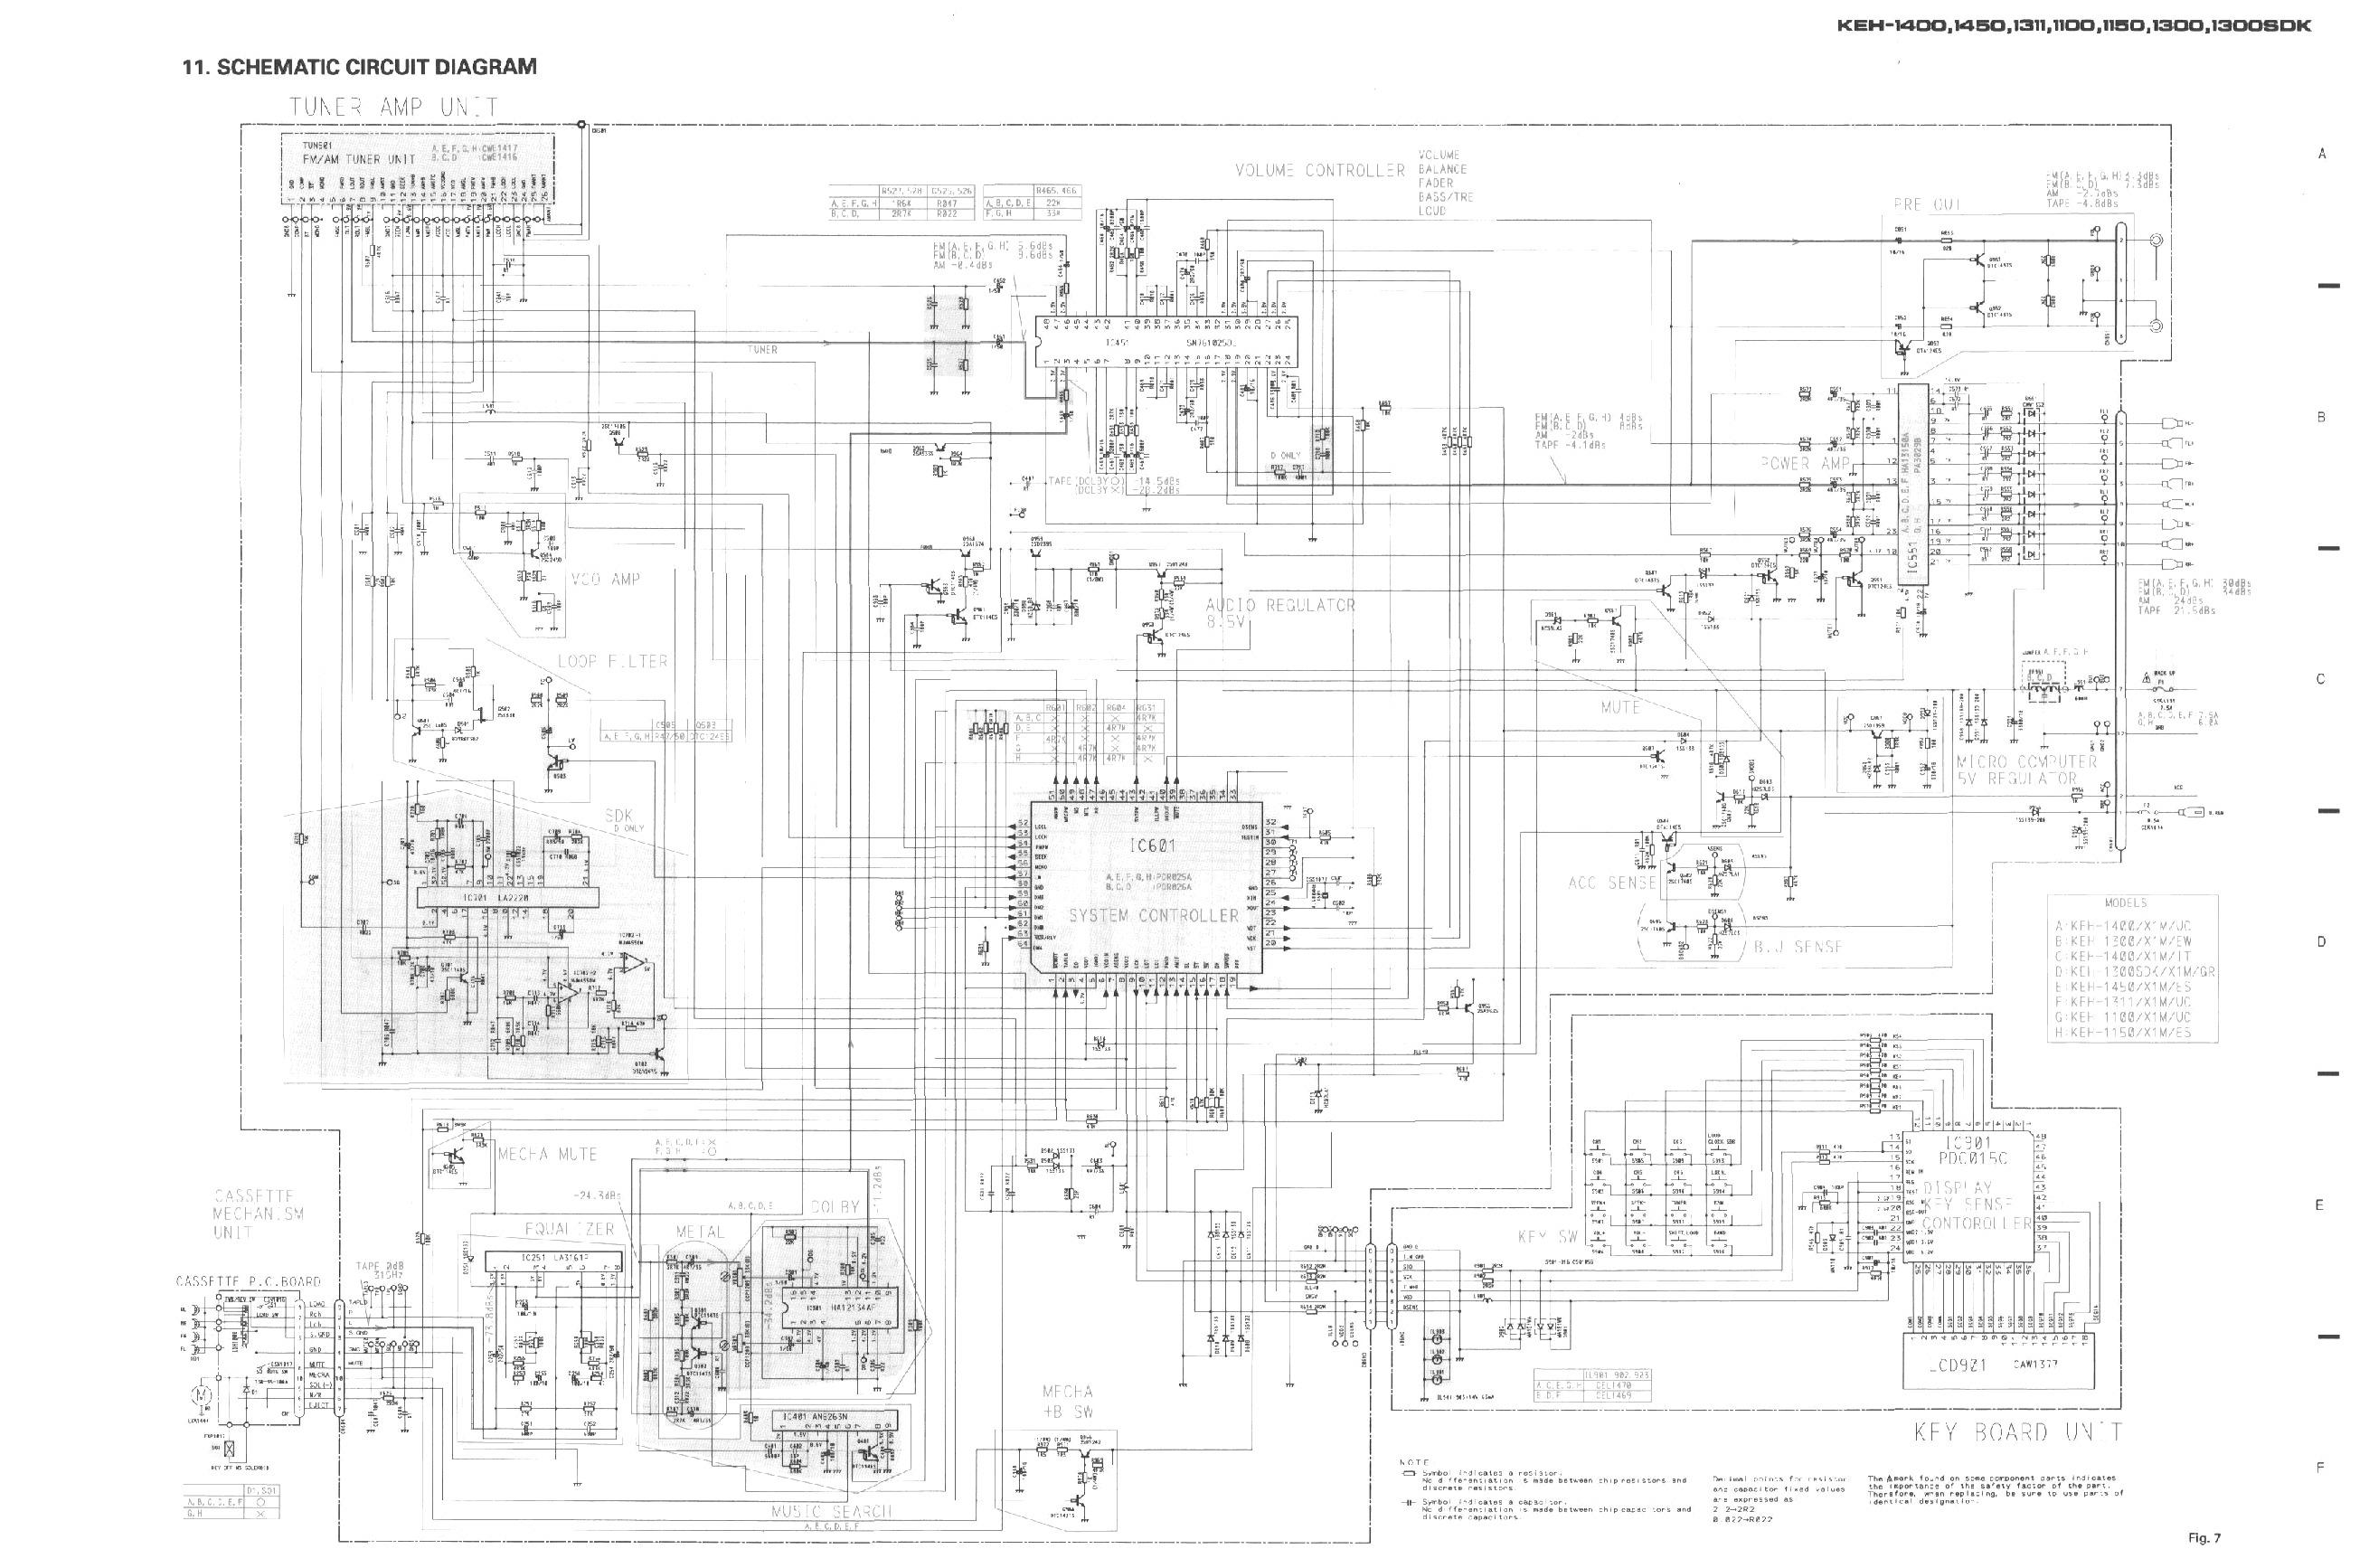 KEH-1100-1450.pdf